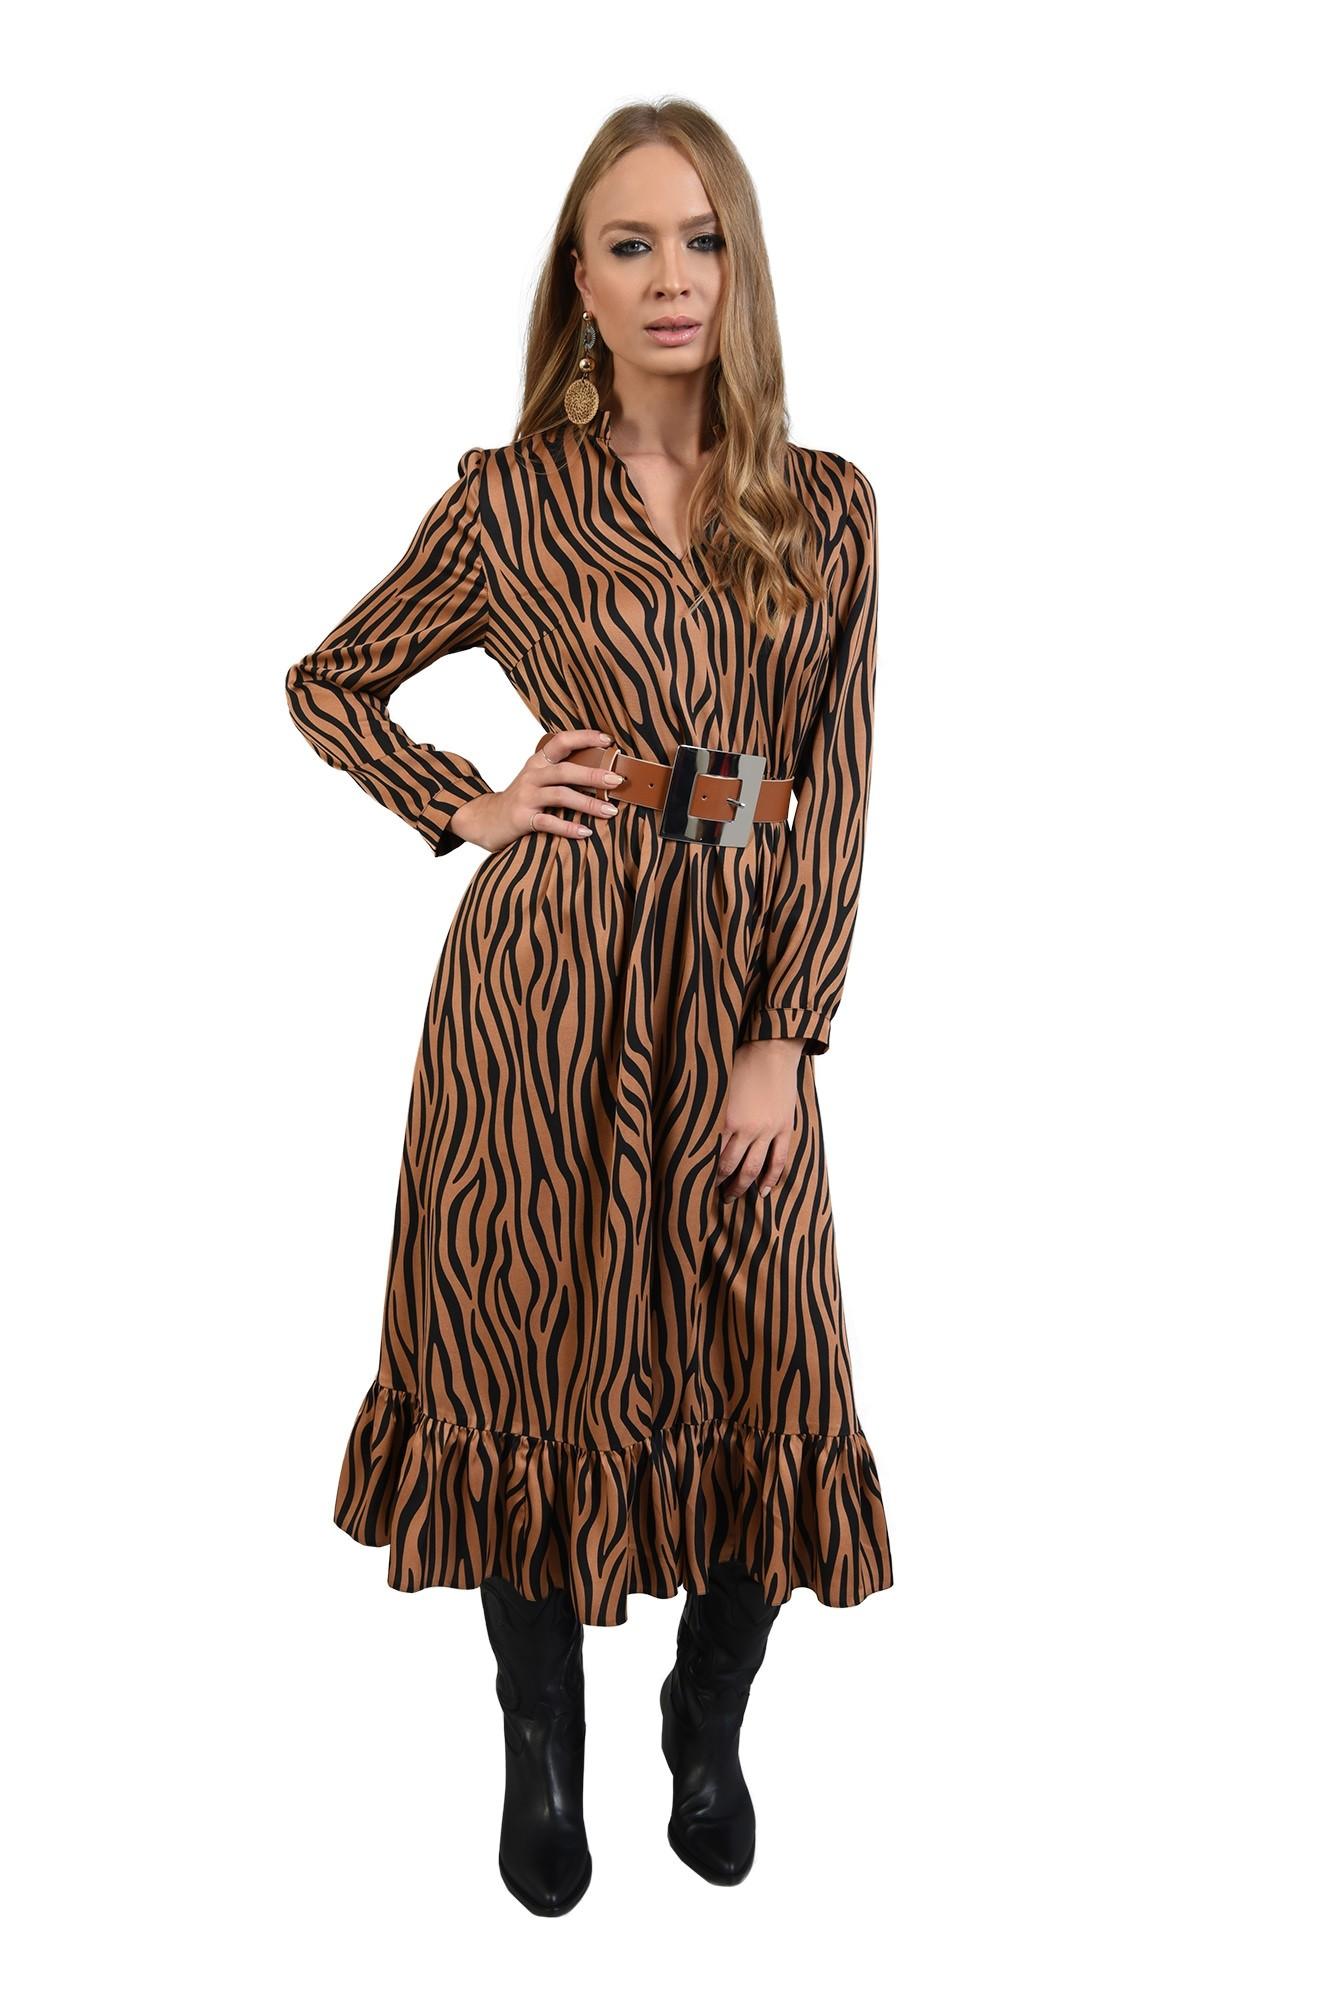 rochie din satin, cu imprimeu, maneci lungi, anchior, zebra